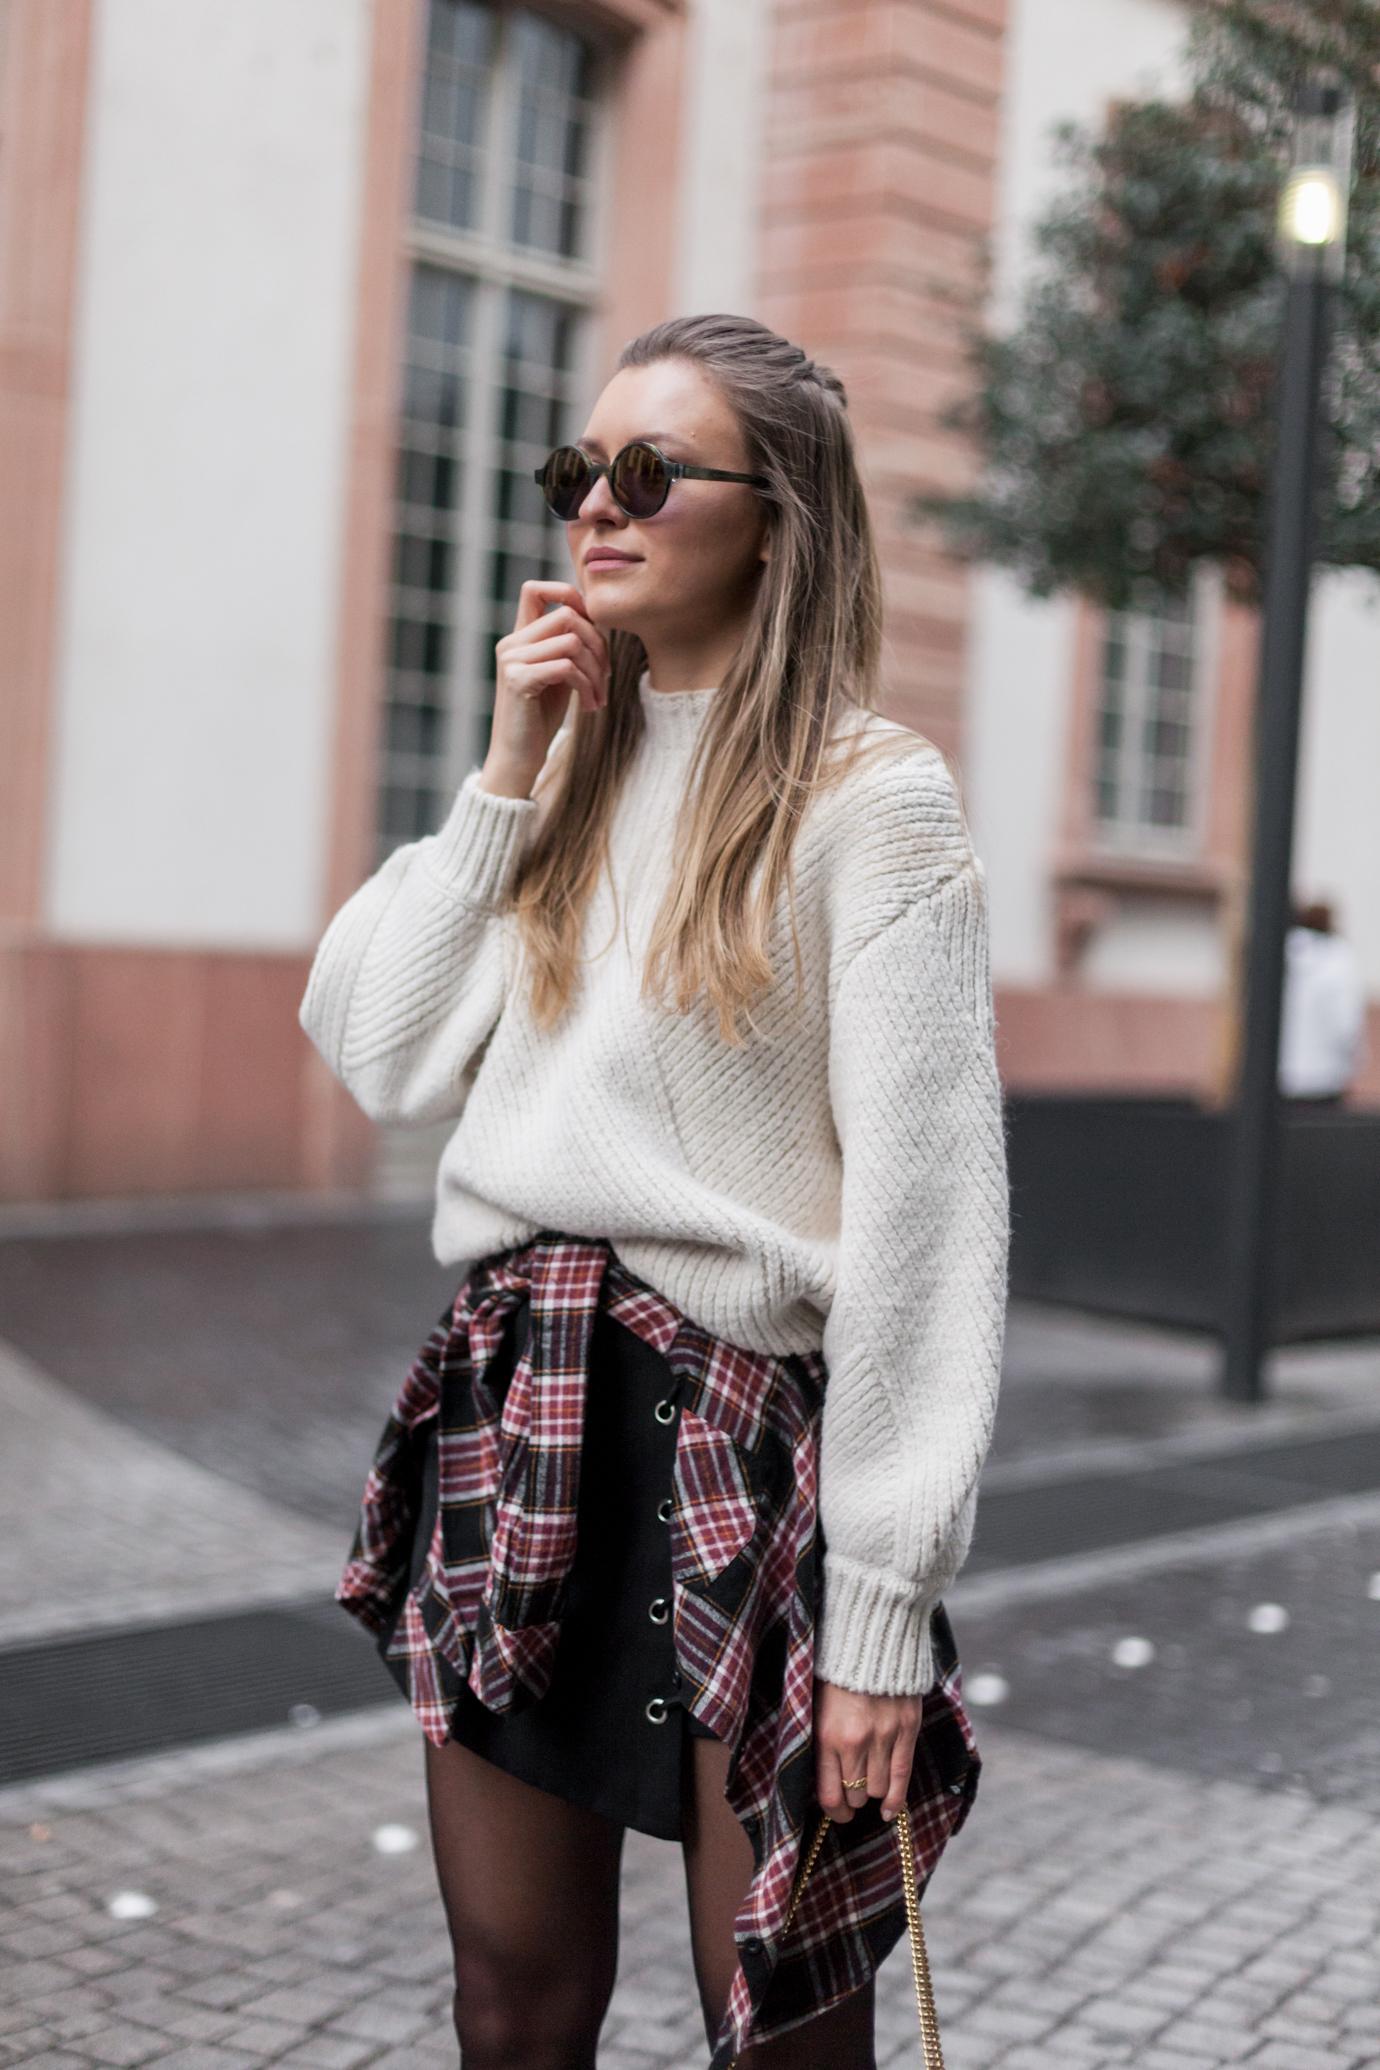 knit-lace-up-livia-auer-2739